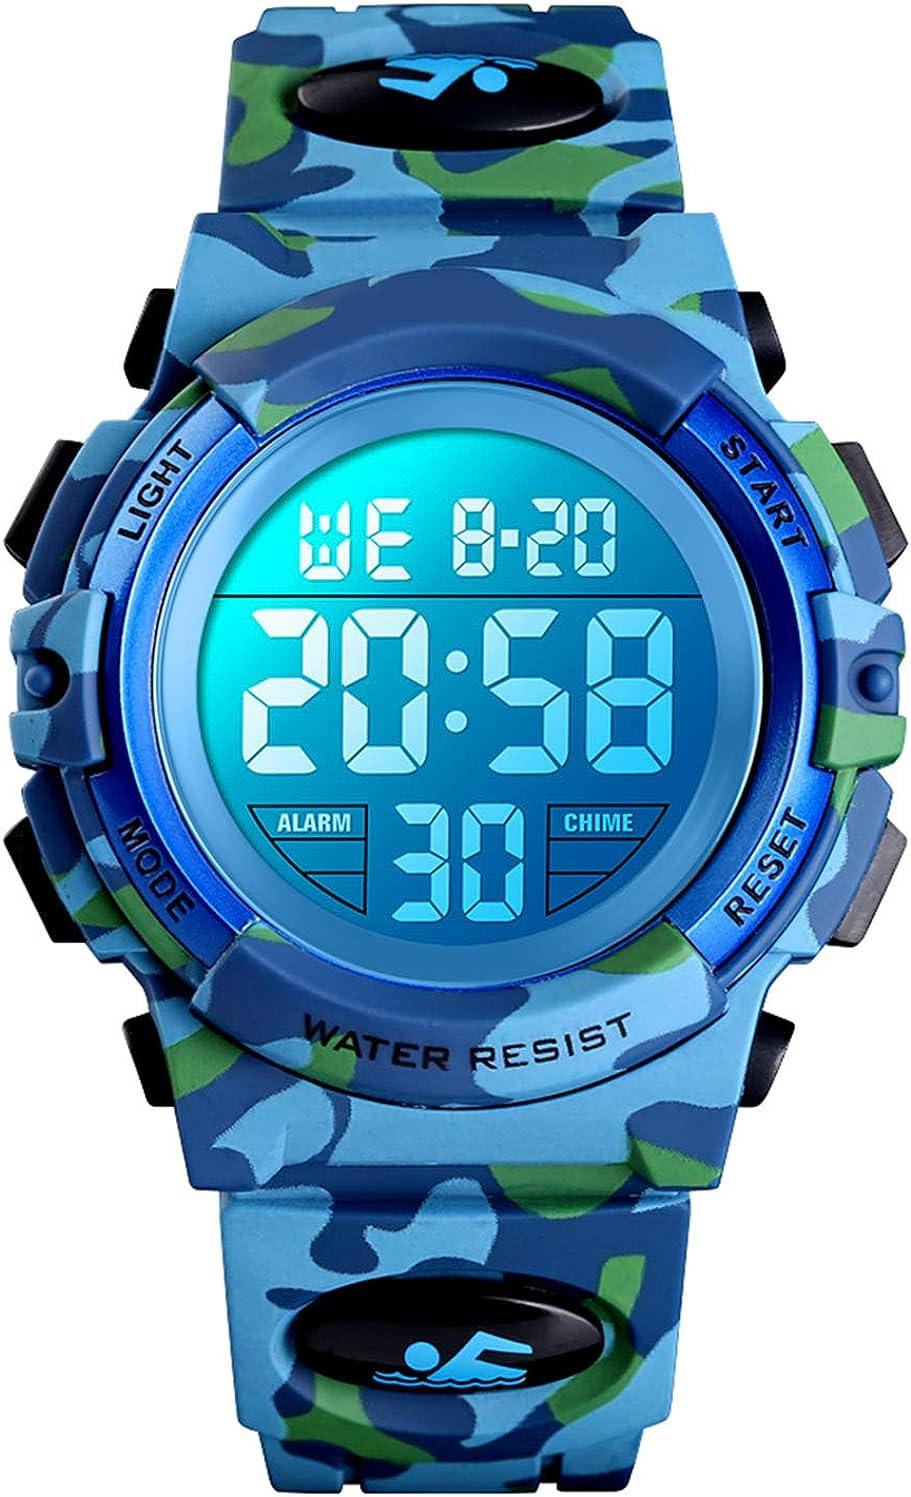 Reloj digital para niños, resistente al agua, reloj deportivo para niños, con despertador/cronómetro/12 – 24 h, reloj electrónico para niños, reloj de pulsera LED para adolescentes, niño, camuflaje